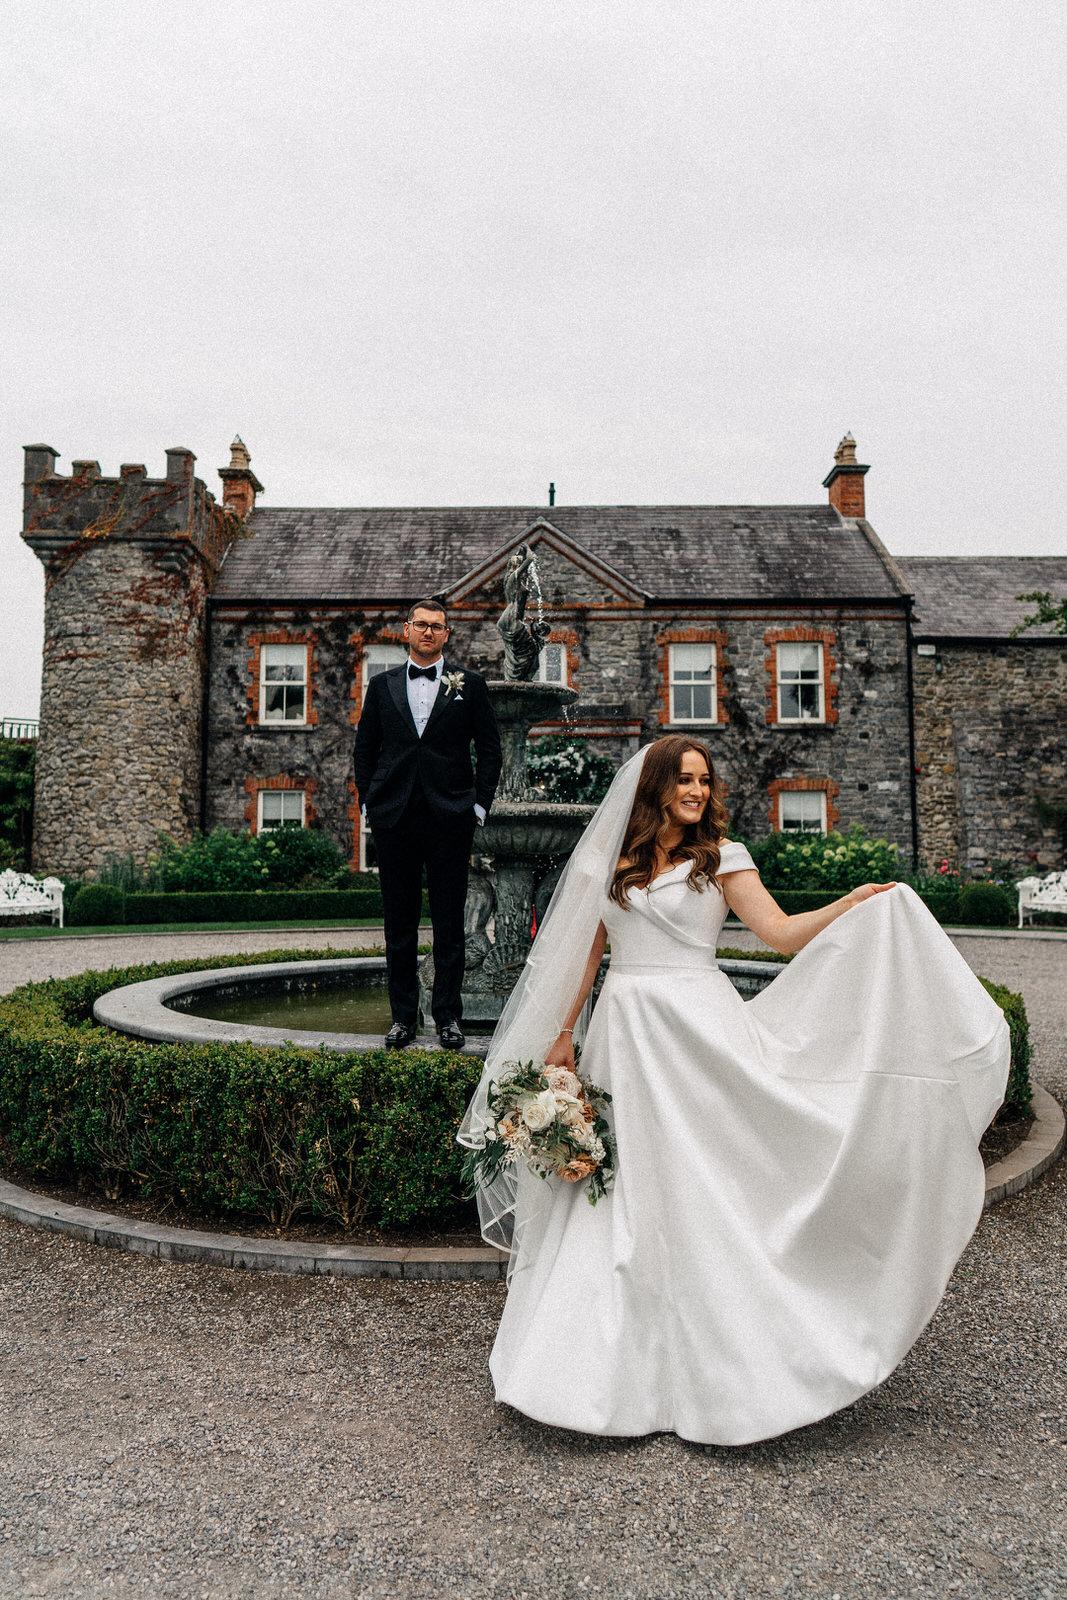 Ciara James wedding 2443-1-1 27